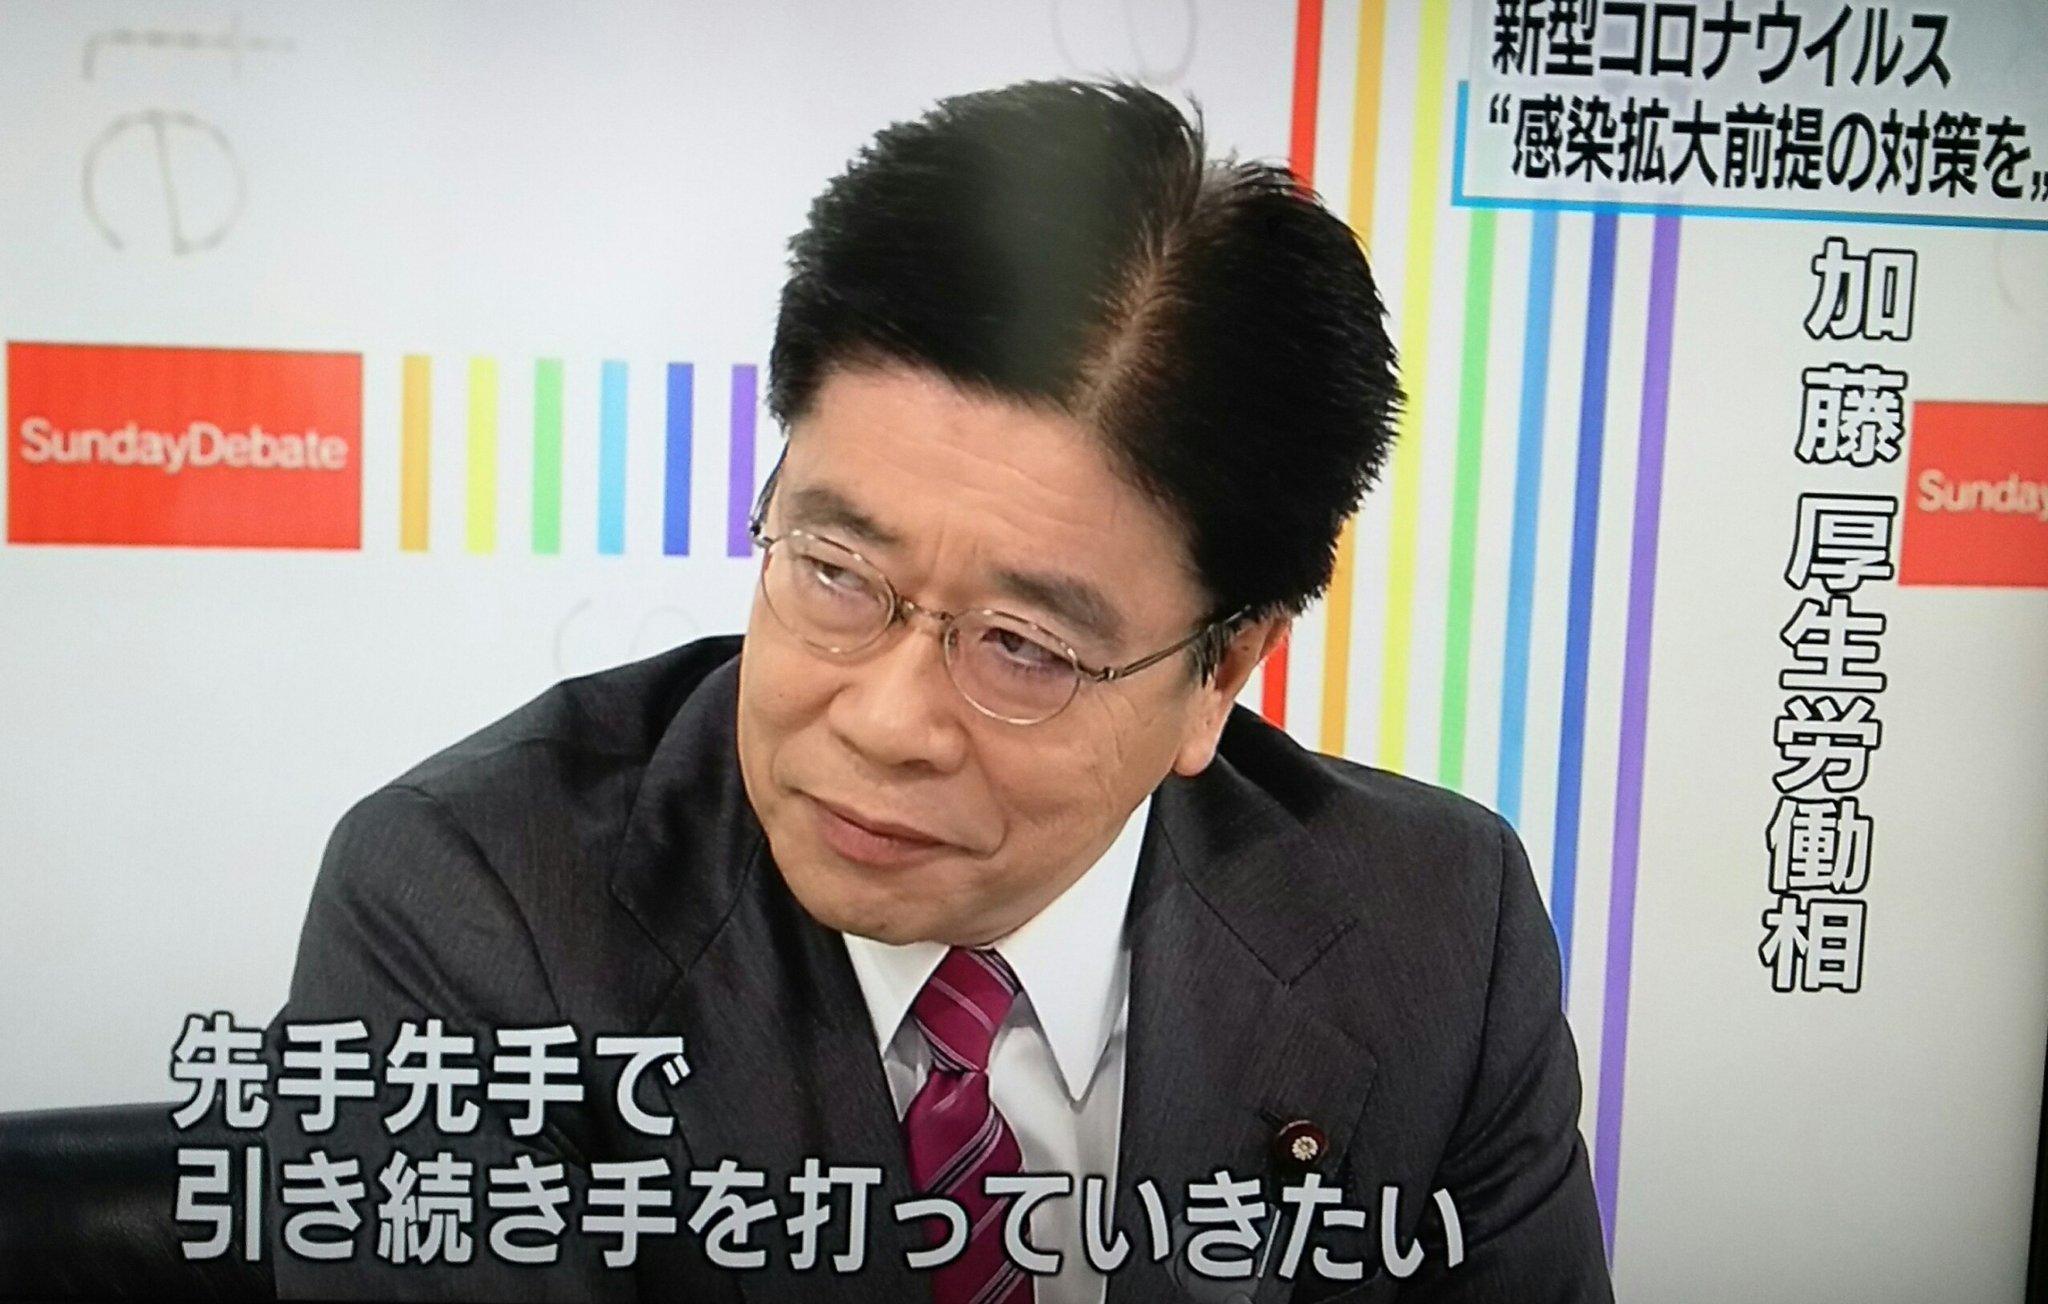 大臣 加藤 労働 勝信 厚生